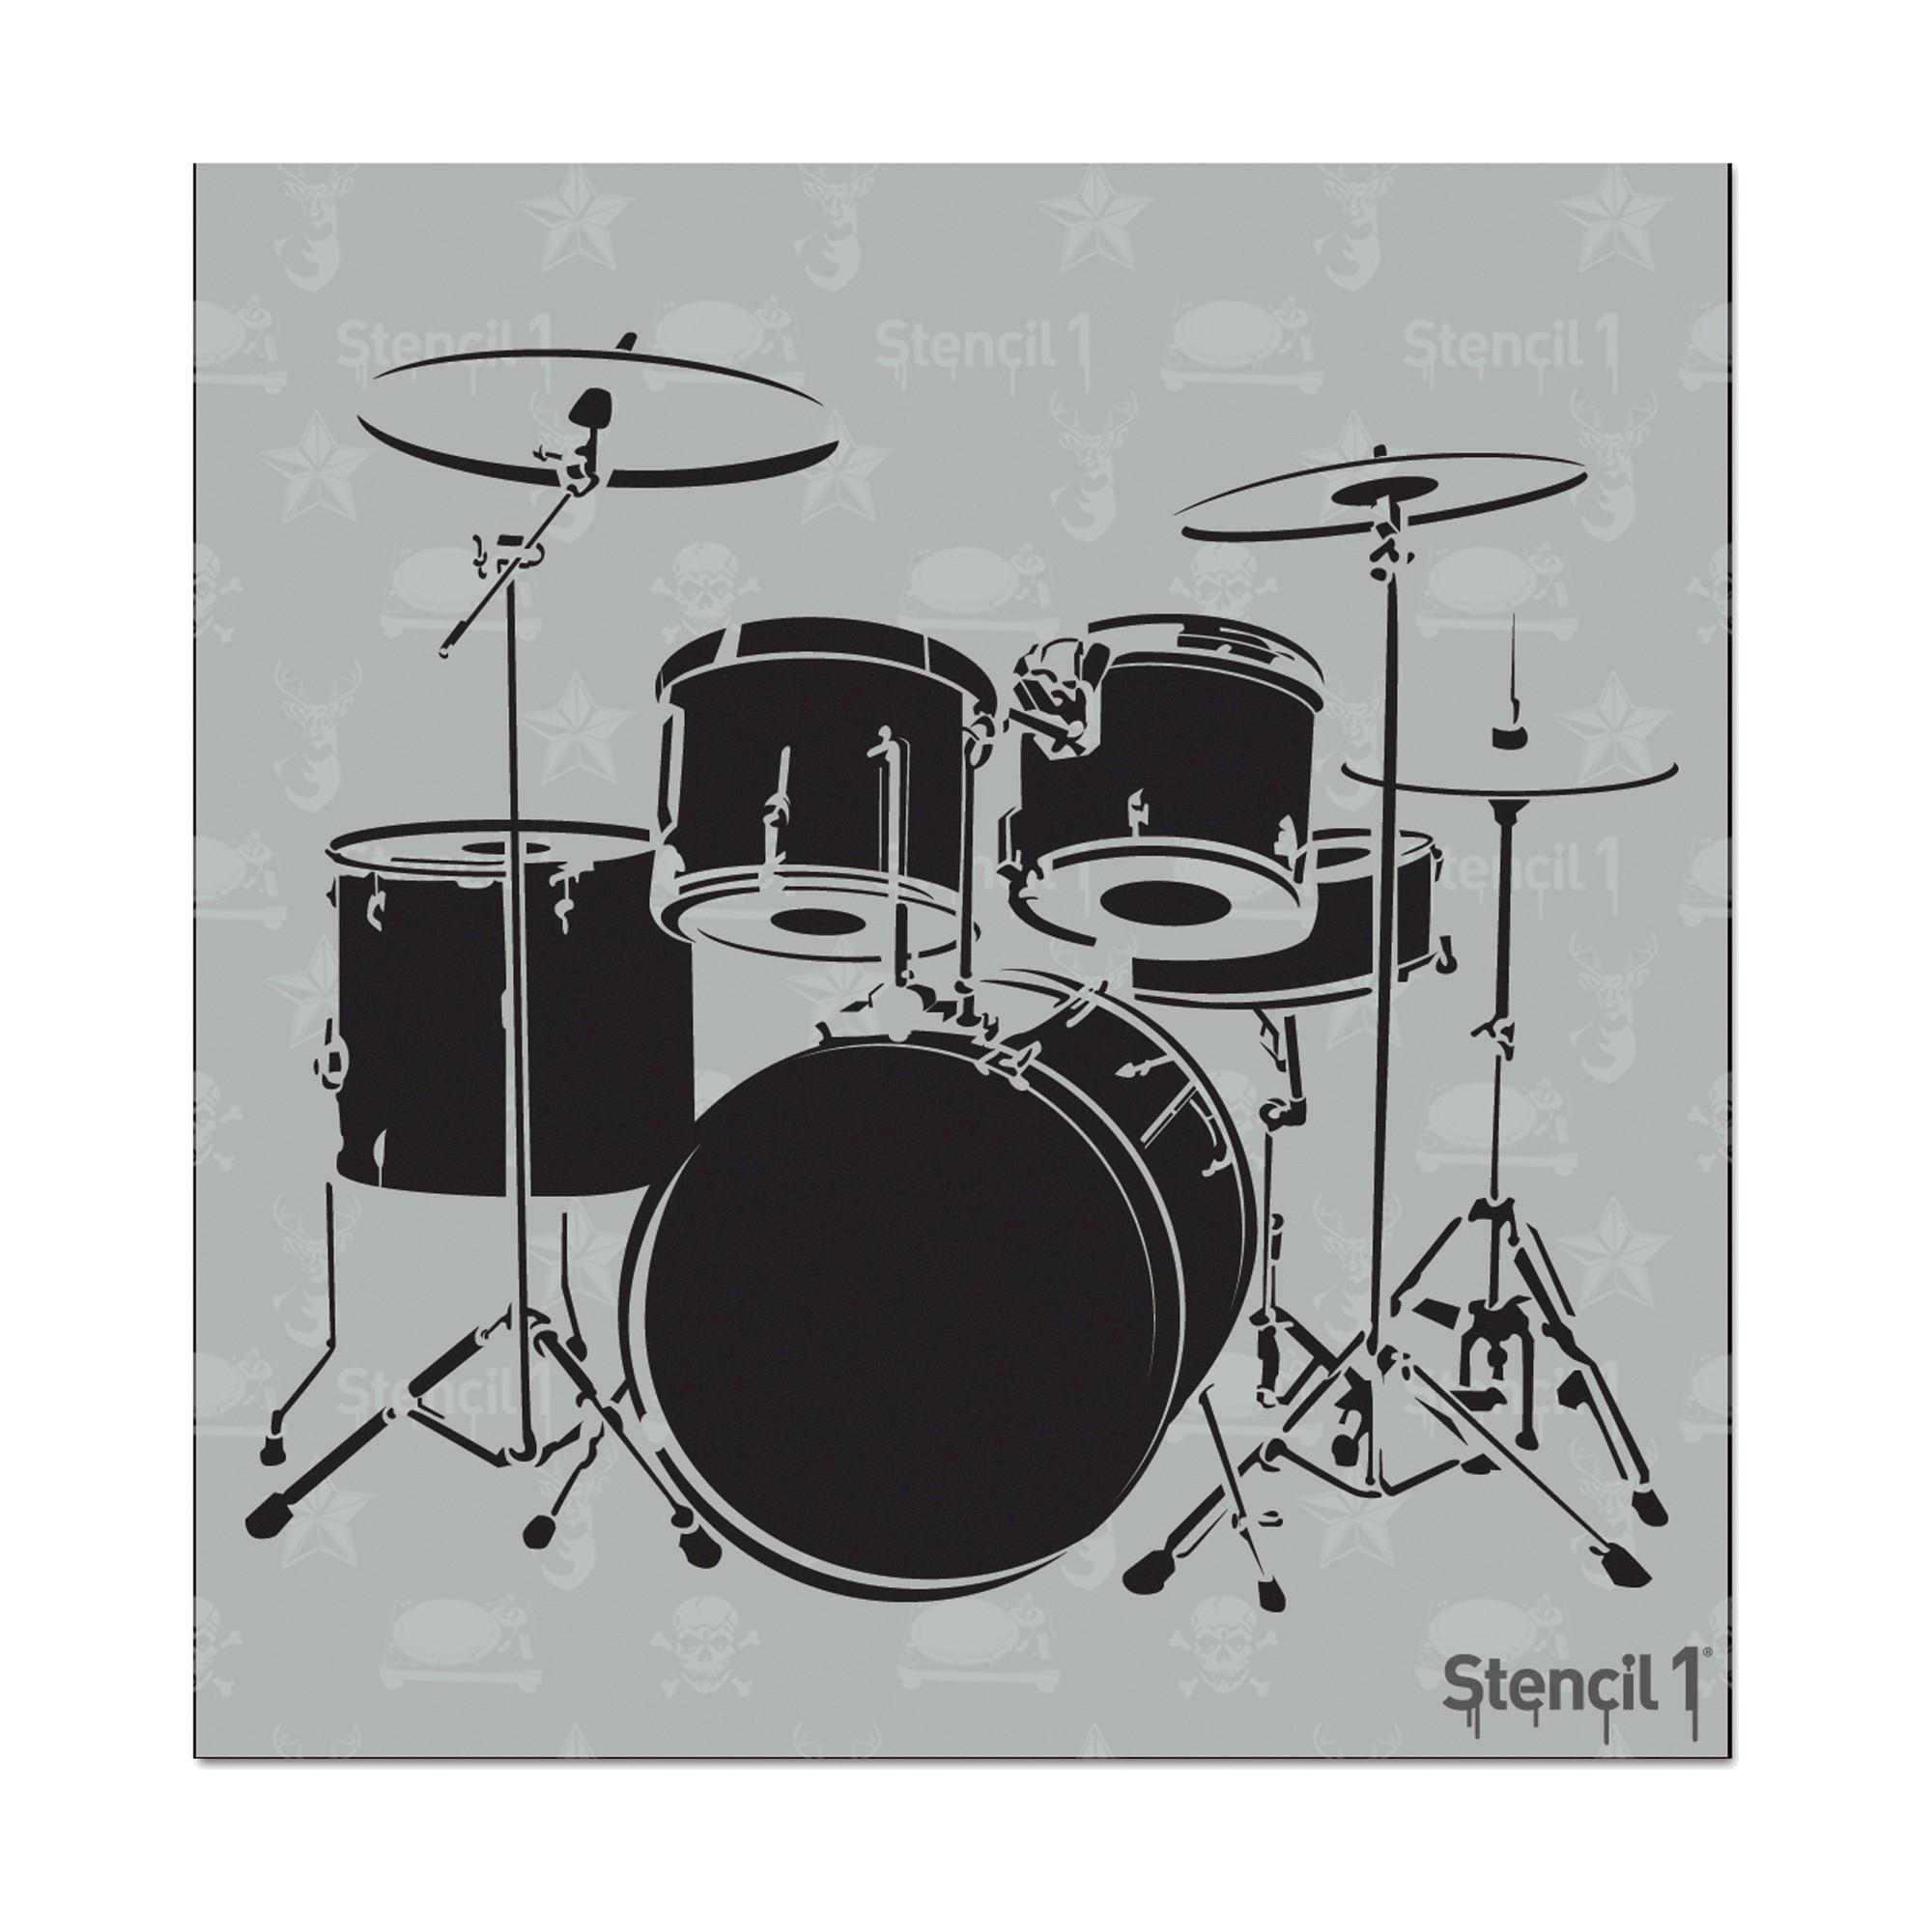 Stencil1 Drum Set - Stencil 5.75\